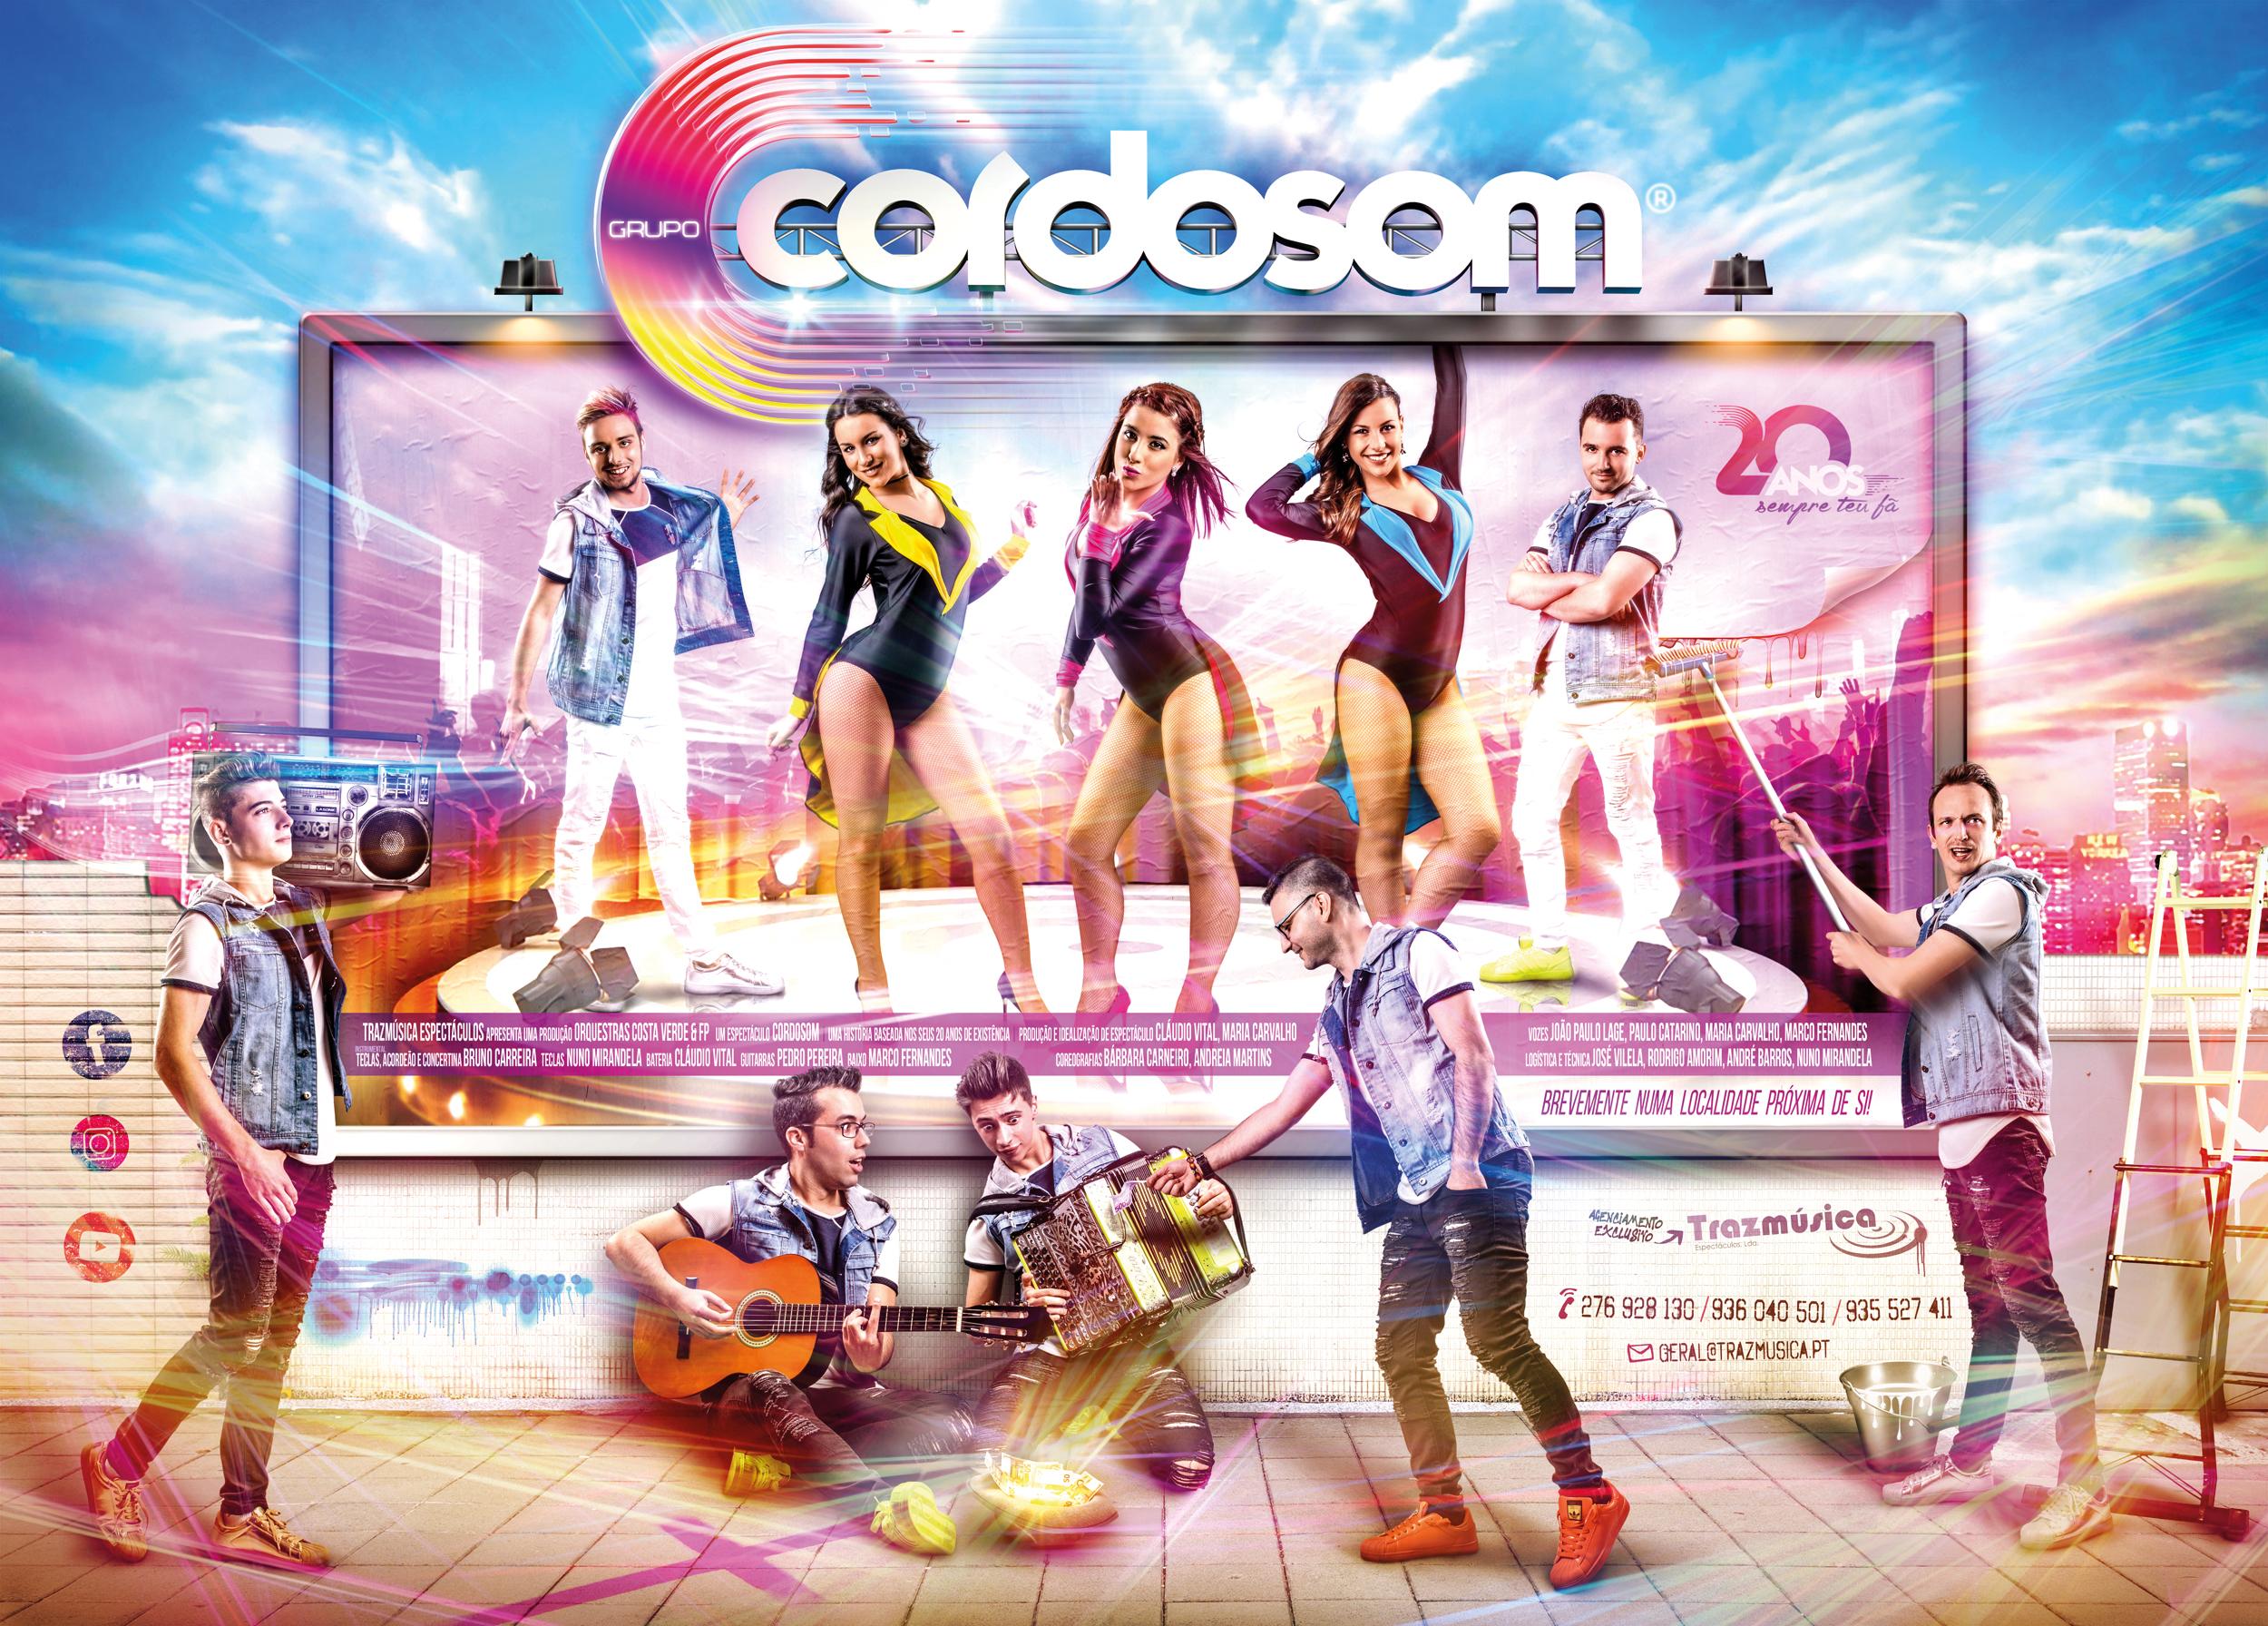 Cordosom - Apresentação da nova tour para 2017